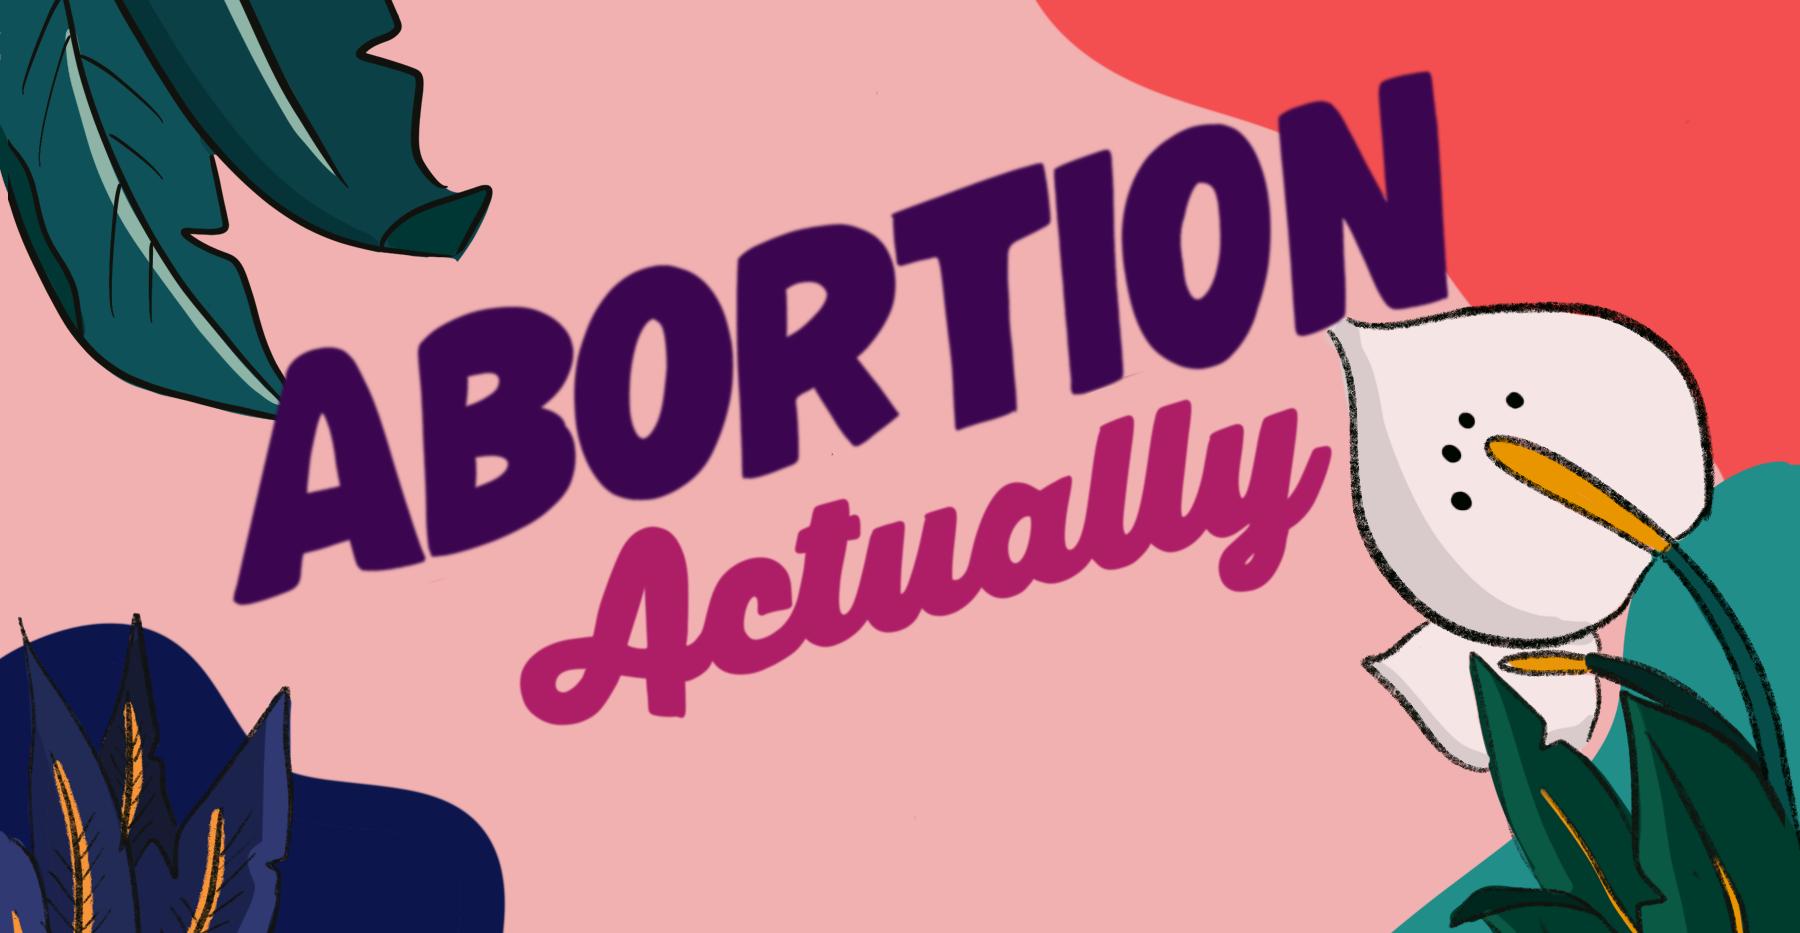 Abortion Actually